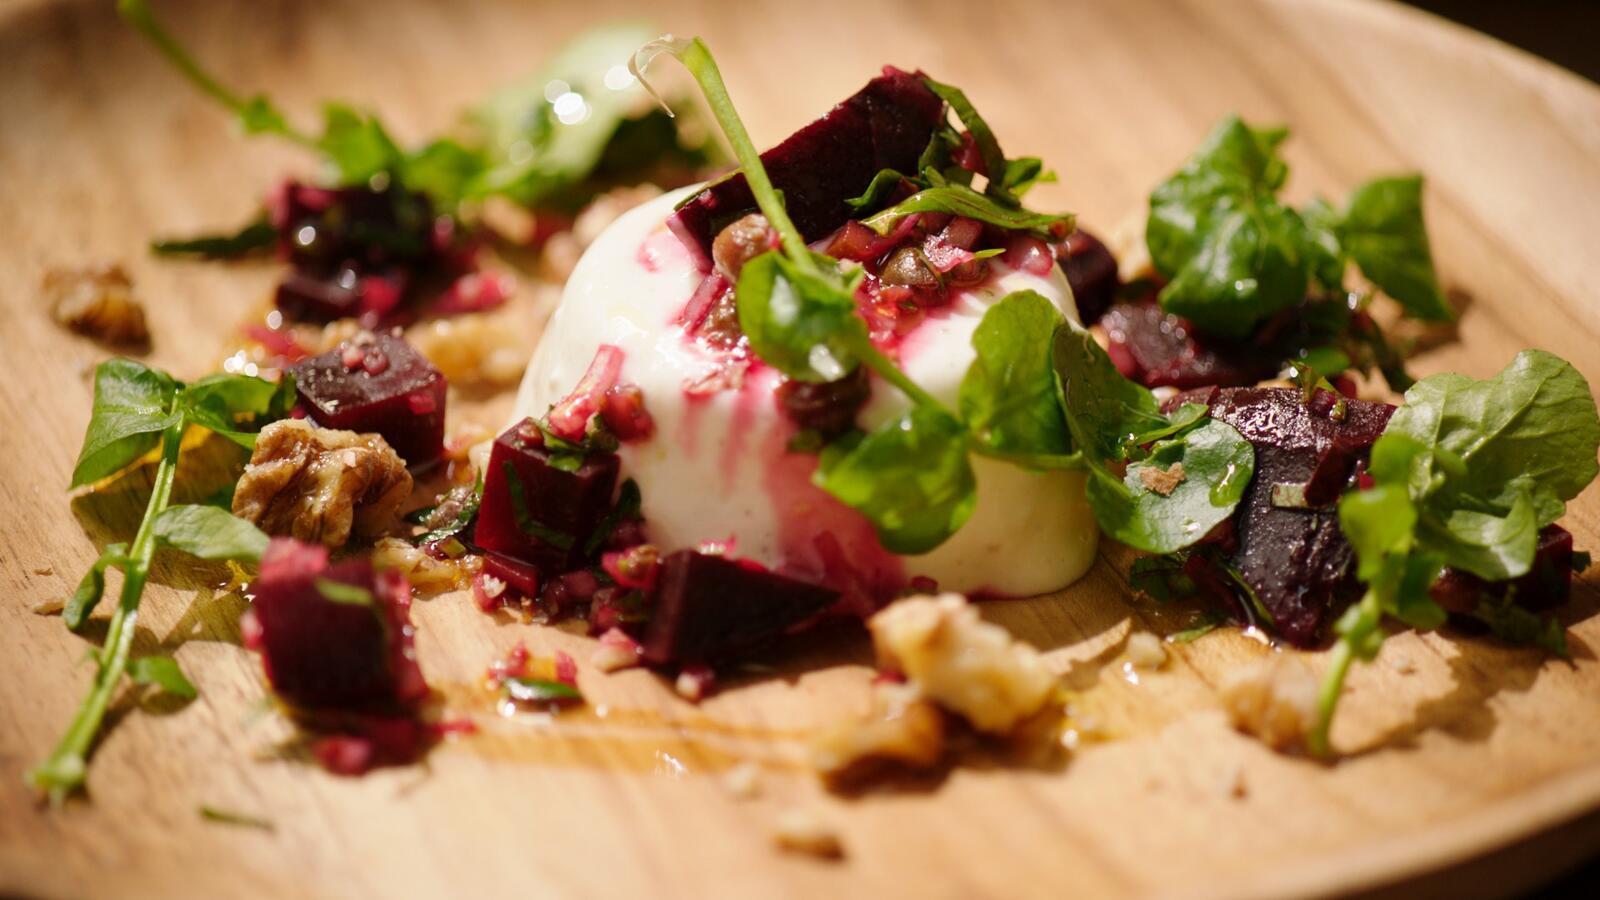 Panna cotta van geitenkaas met salade van rode biet en waterkers